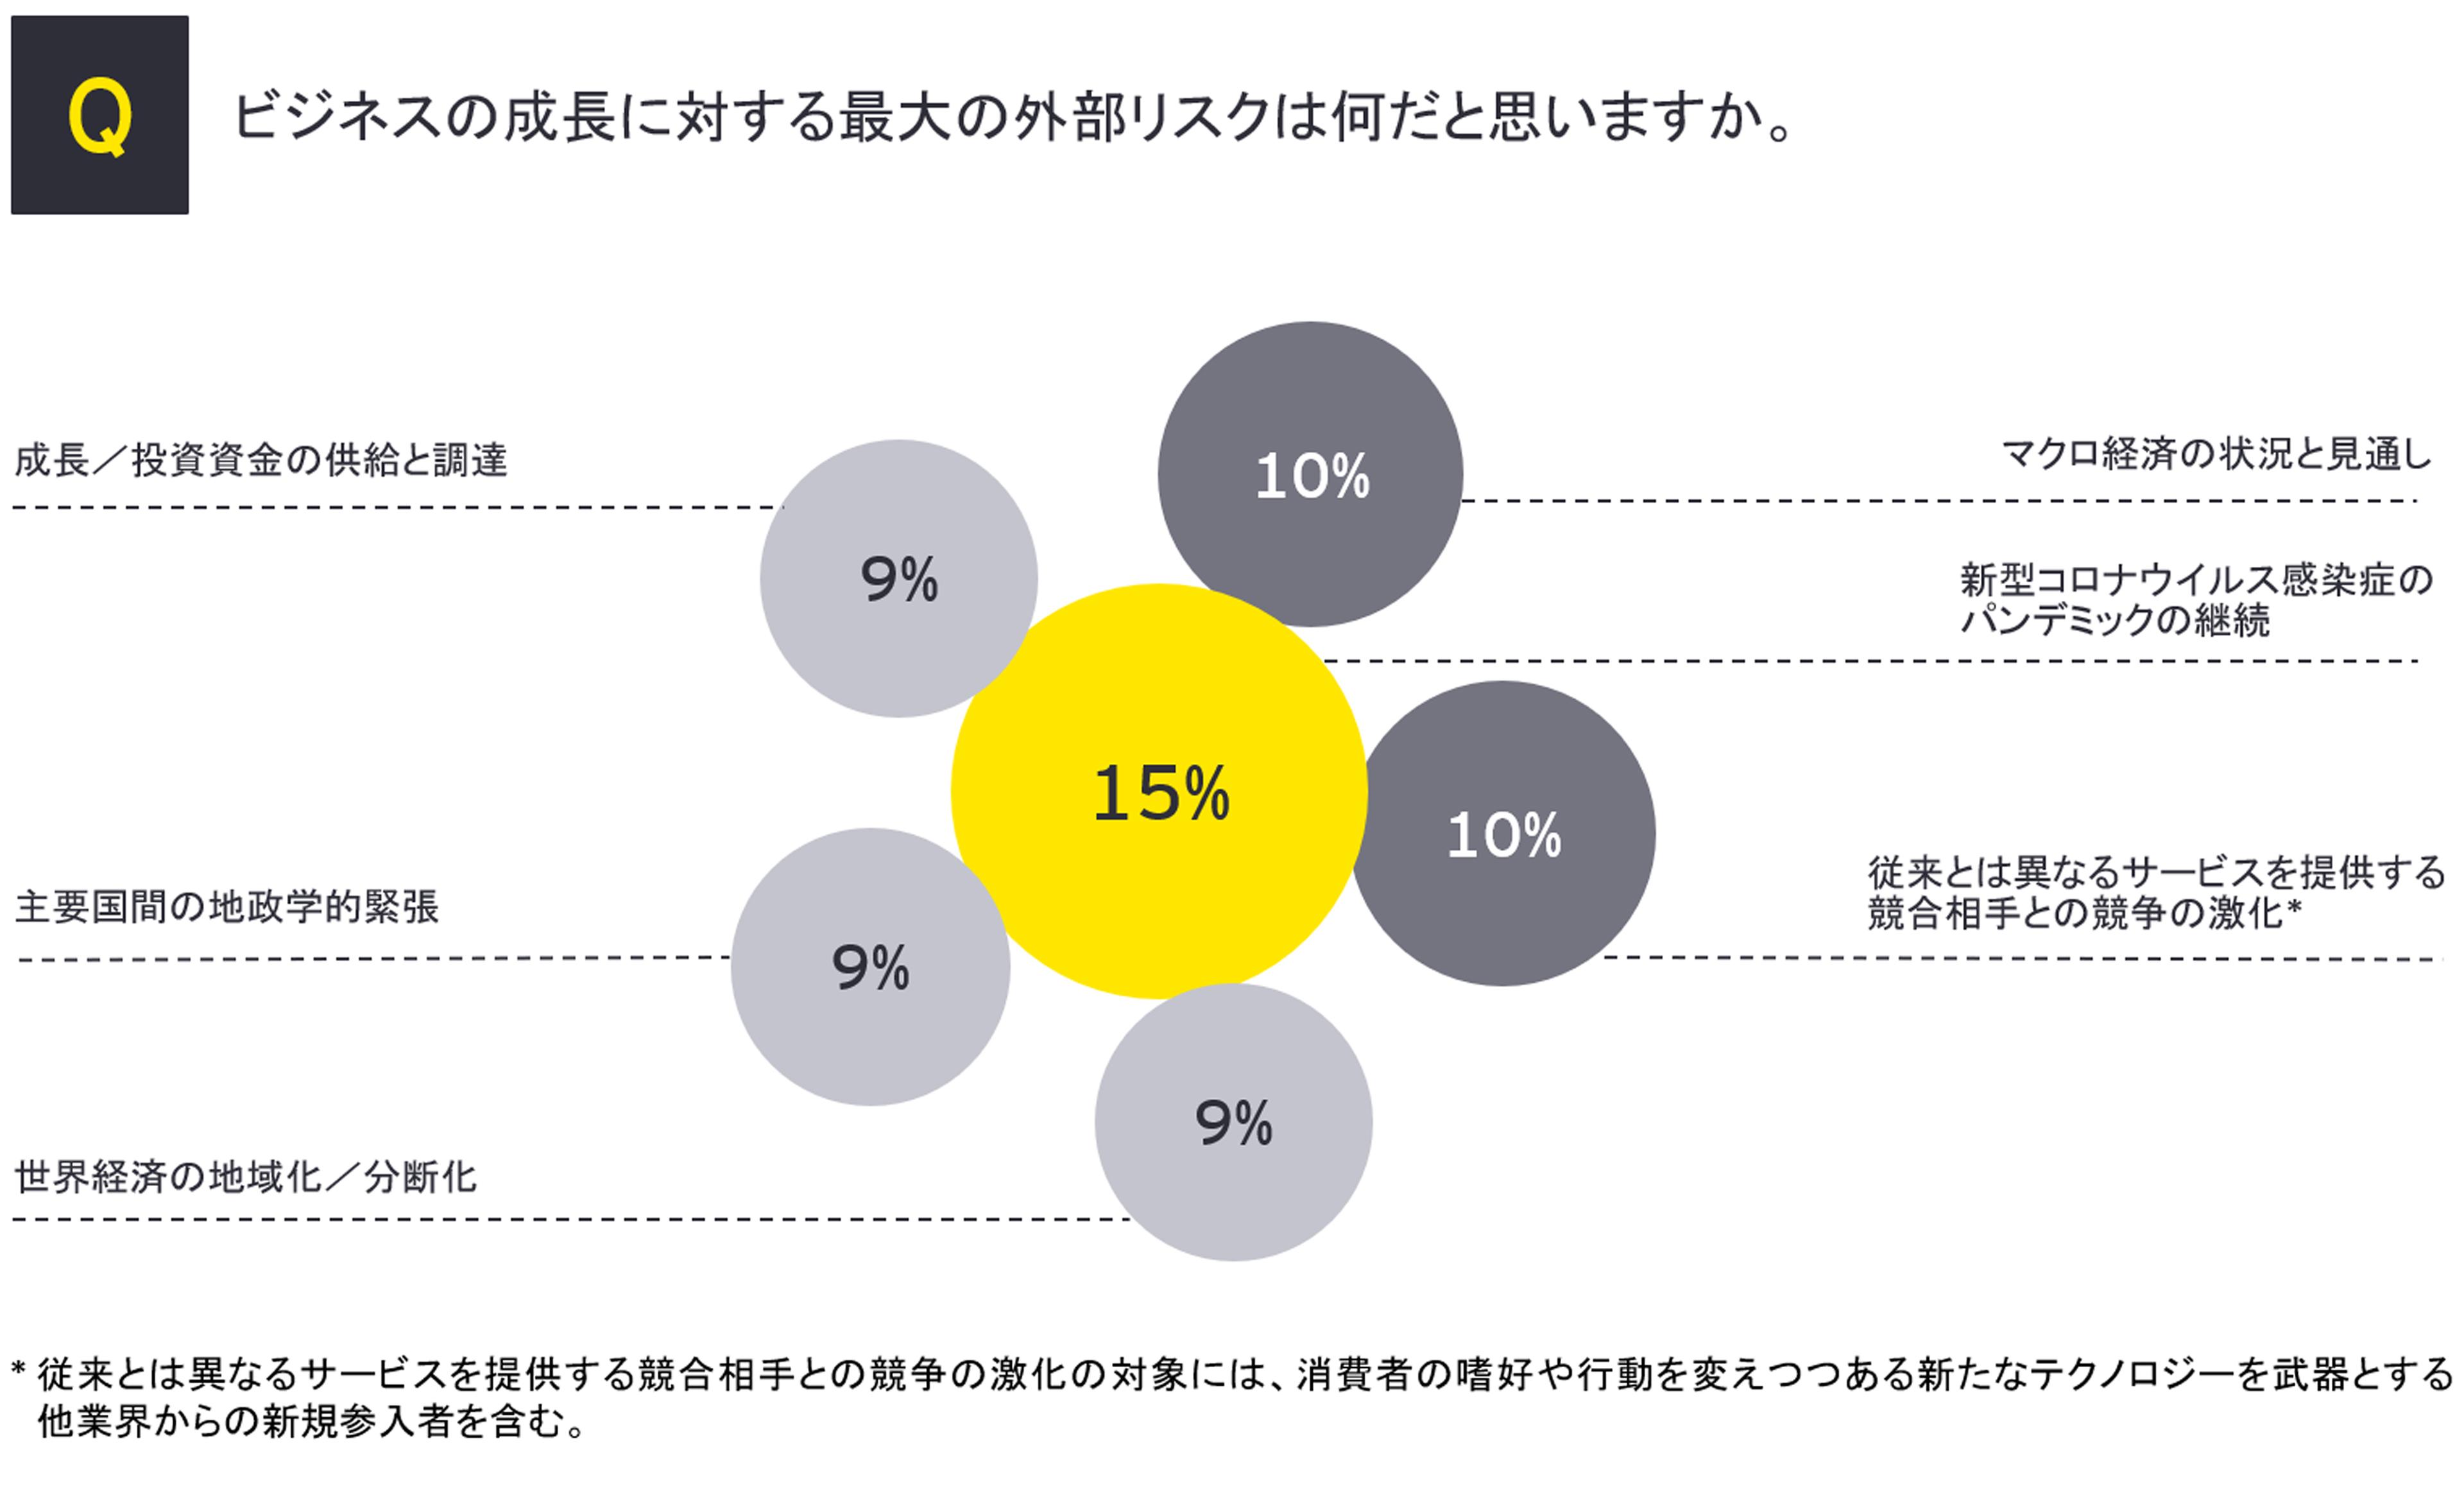 M&A調査:ビジネスの成長に対する最大の外部リスク